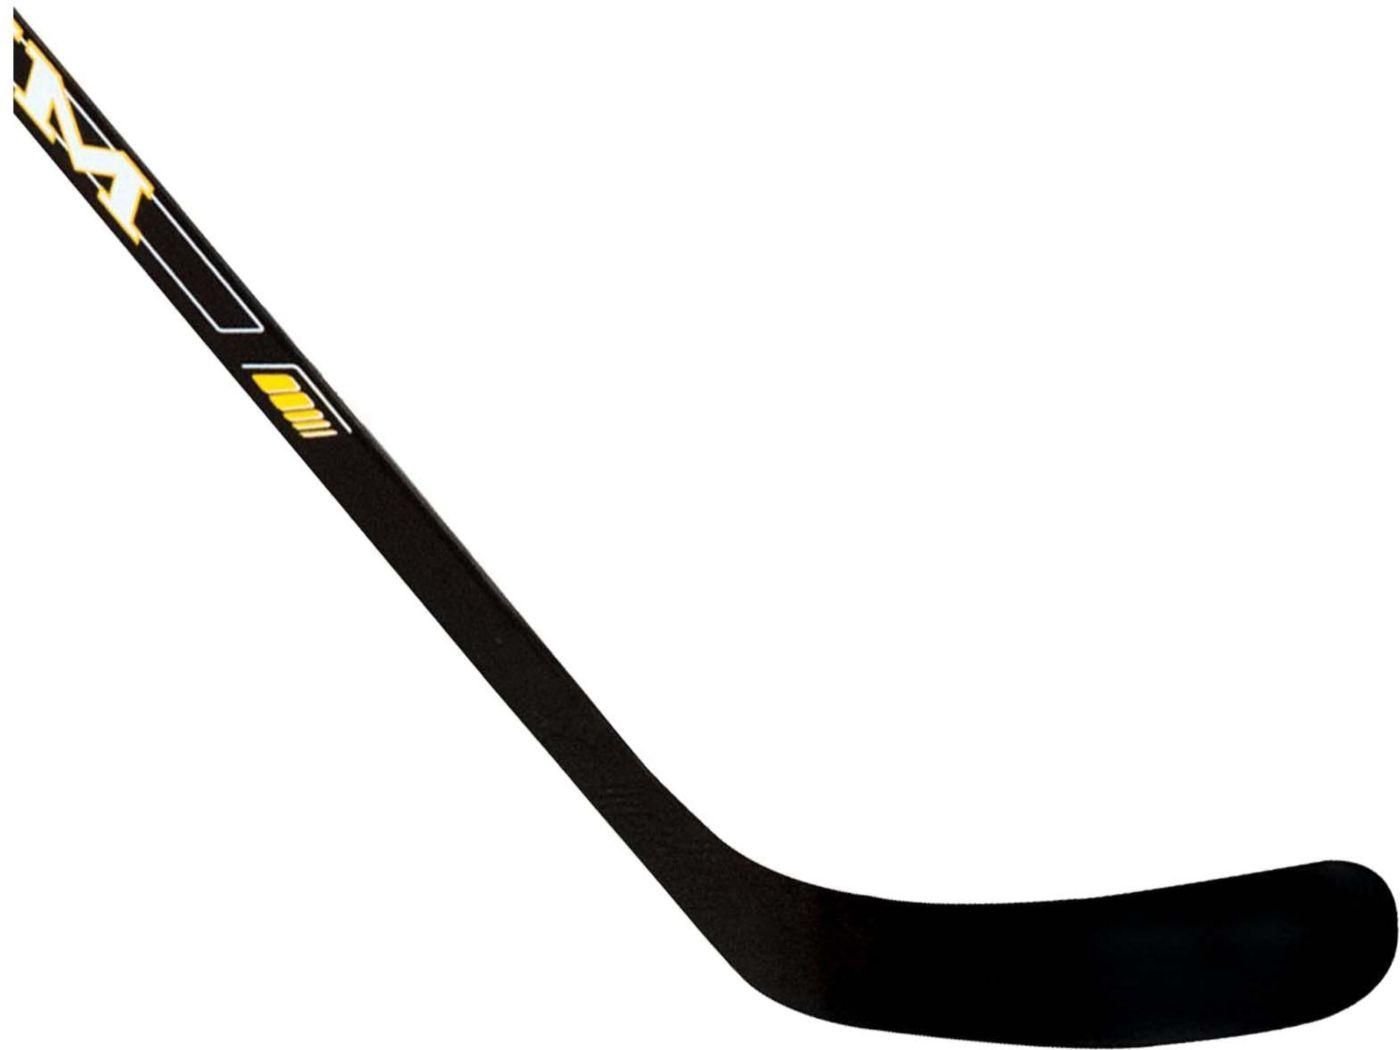 Mylec Junior MK1 ABS Street Hockey Stick